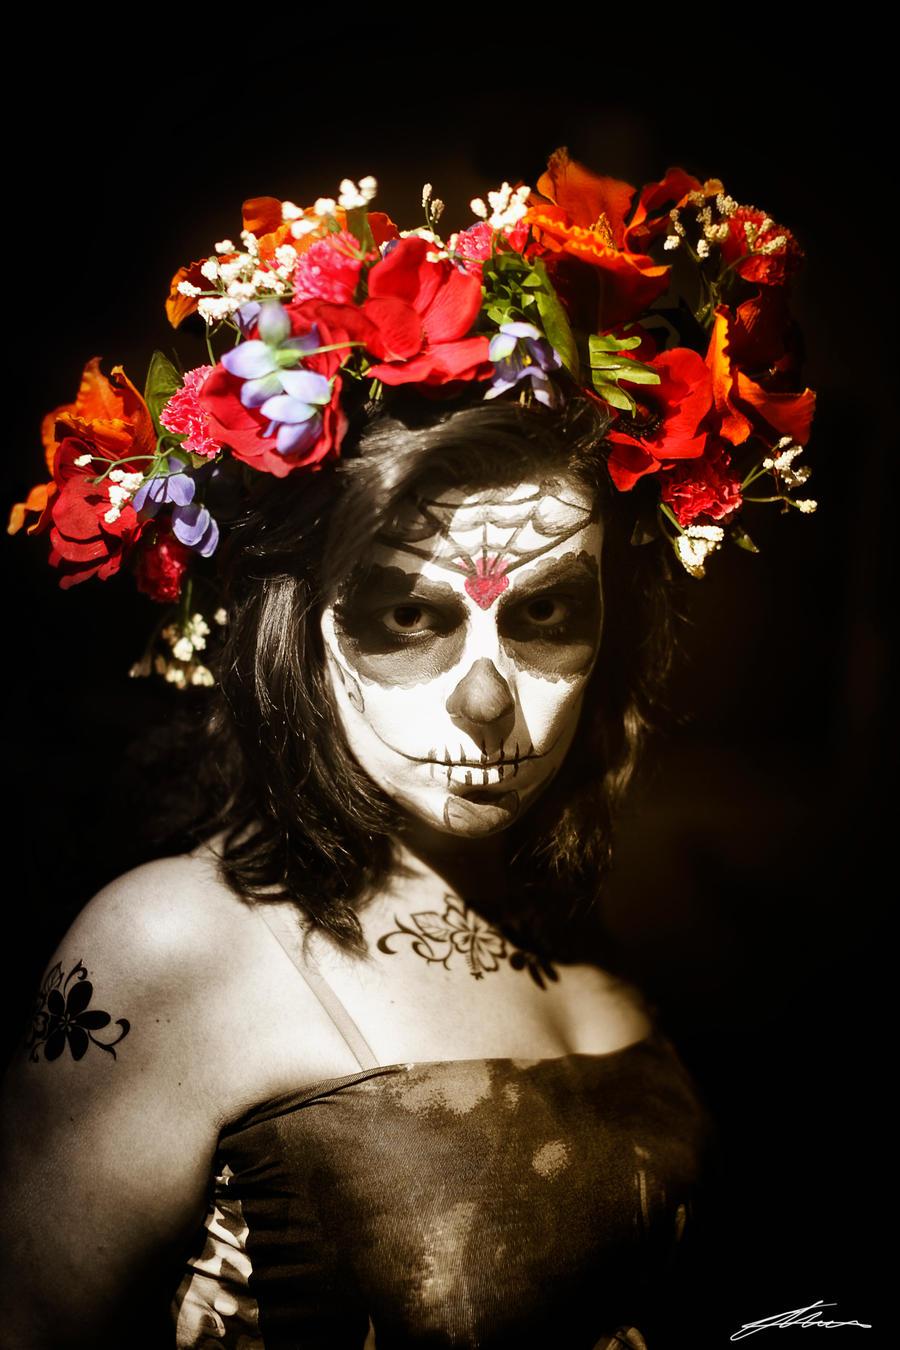 El fotografo de la muerte mexico 64